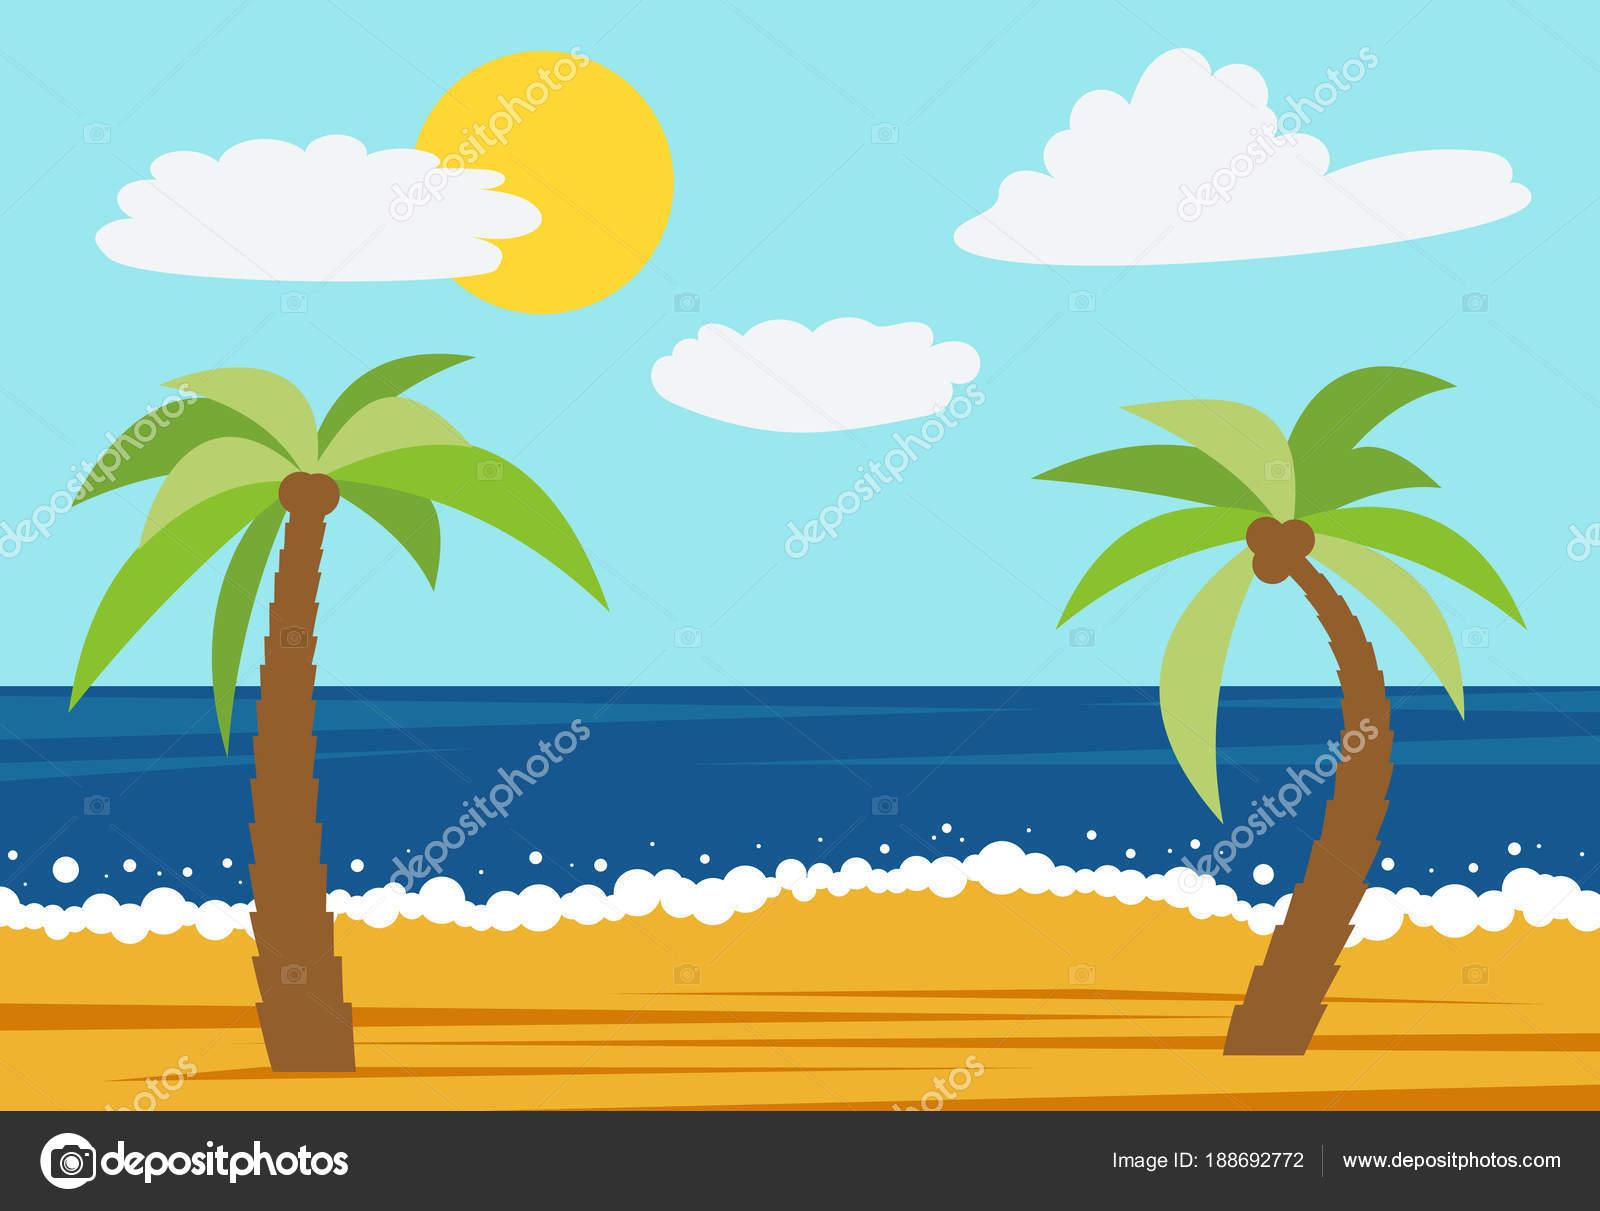 Dibujos Playas Y Palmeras Dibujos Animados Naturaleza Paisaje Con